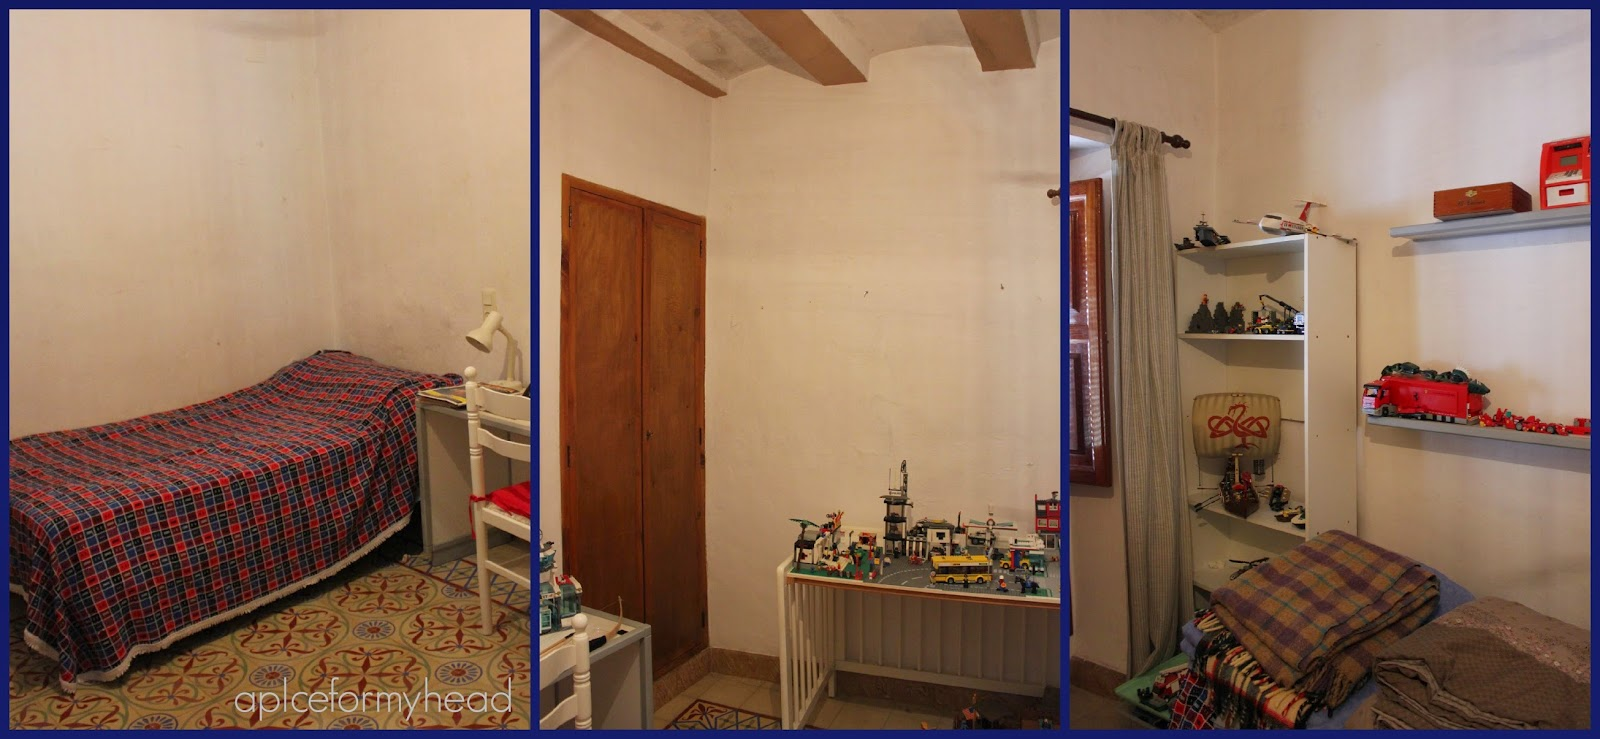 Antes y despu s de un dormitorio juvenil a place for my head - Decoracion de casas antes y despues ...